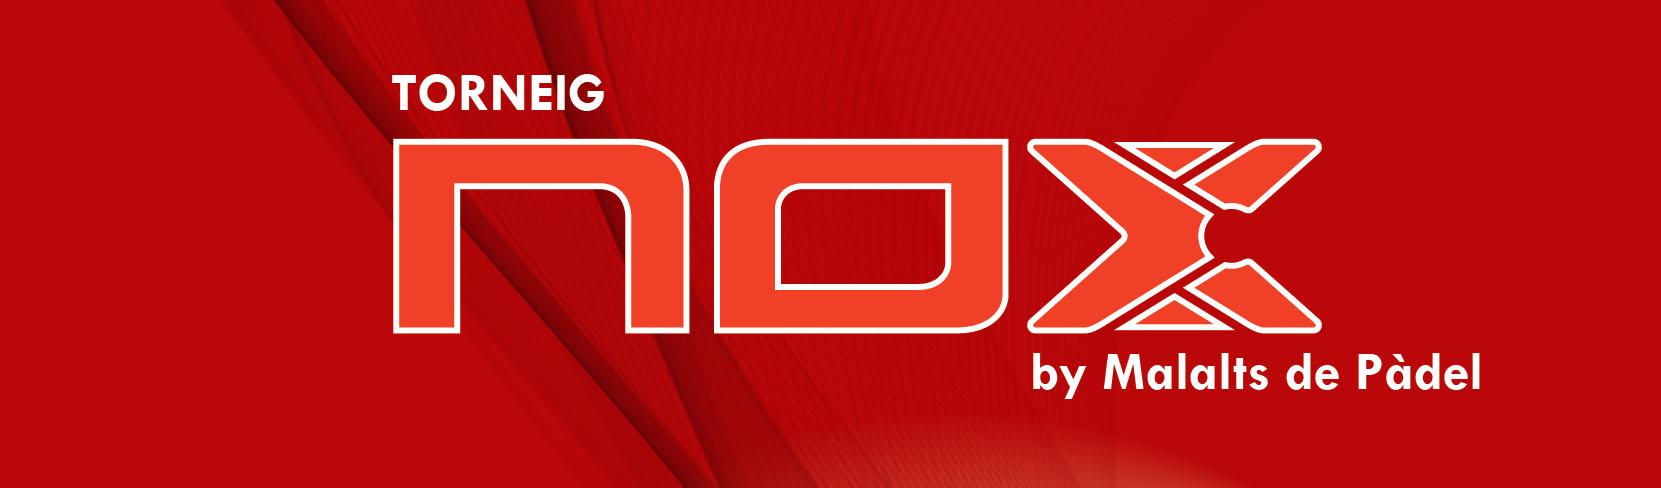 Torneo Nox